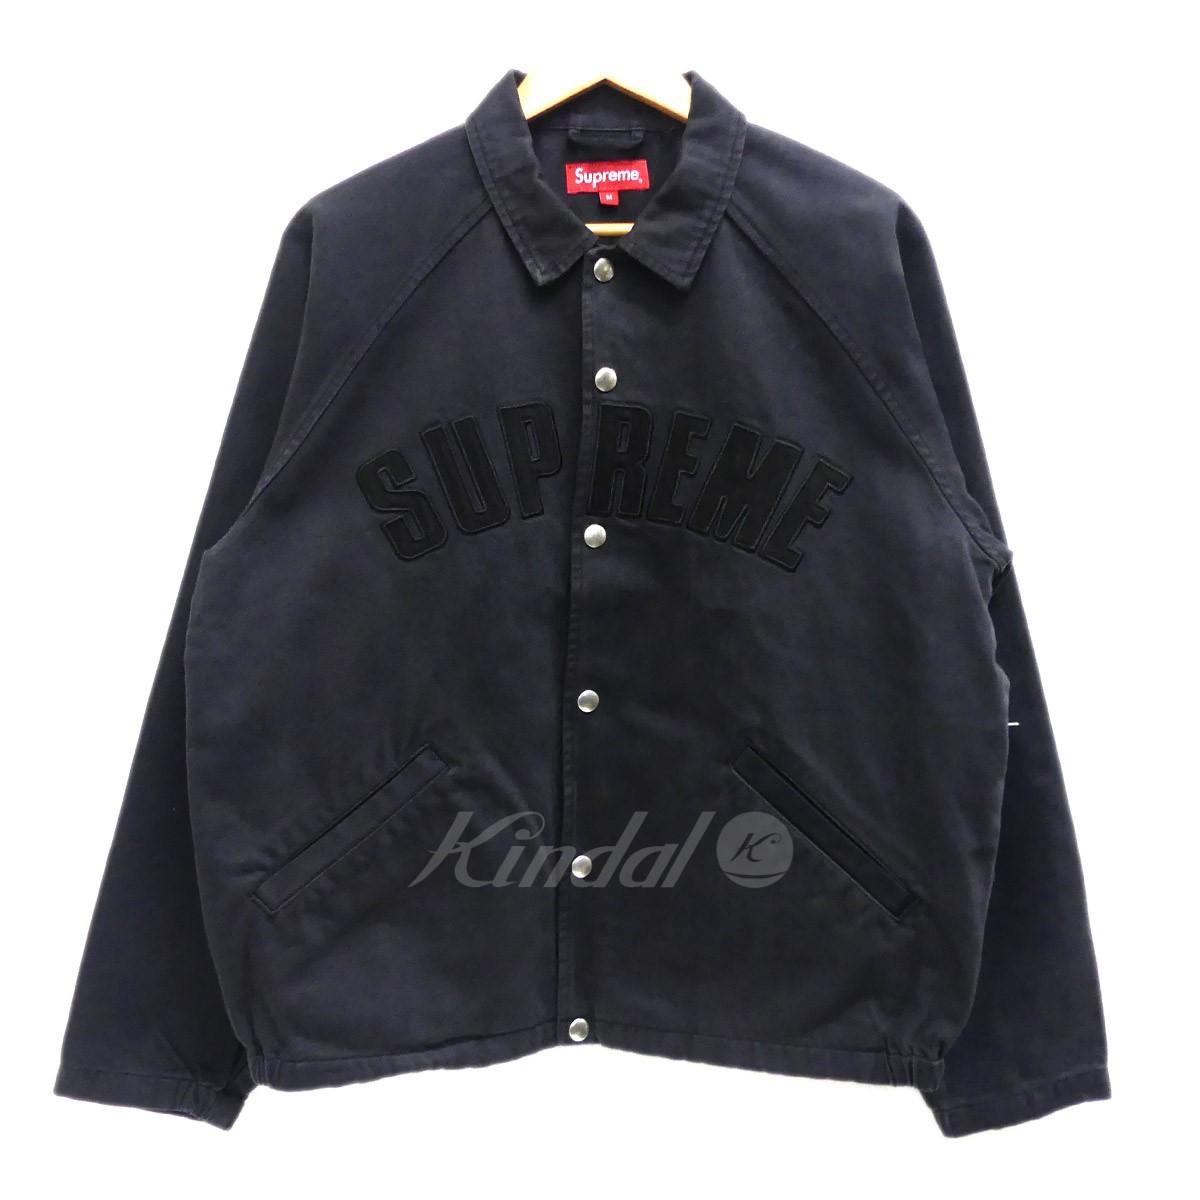 【中古】SUPREME 「2018AW Snap Twill Jacket」 コーチジャケット ブラック サイズ:M 【090419】(シュプリーム)